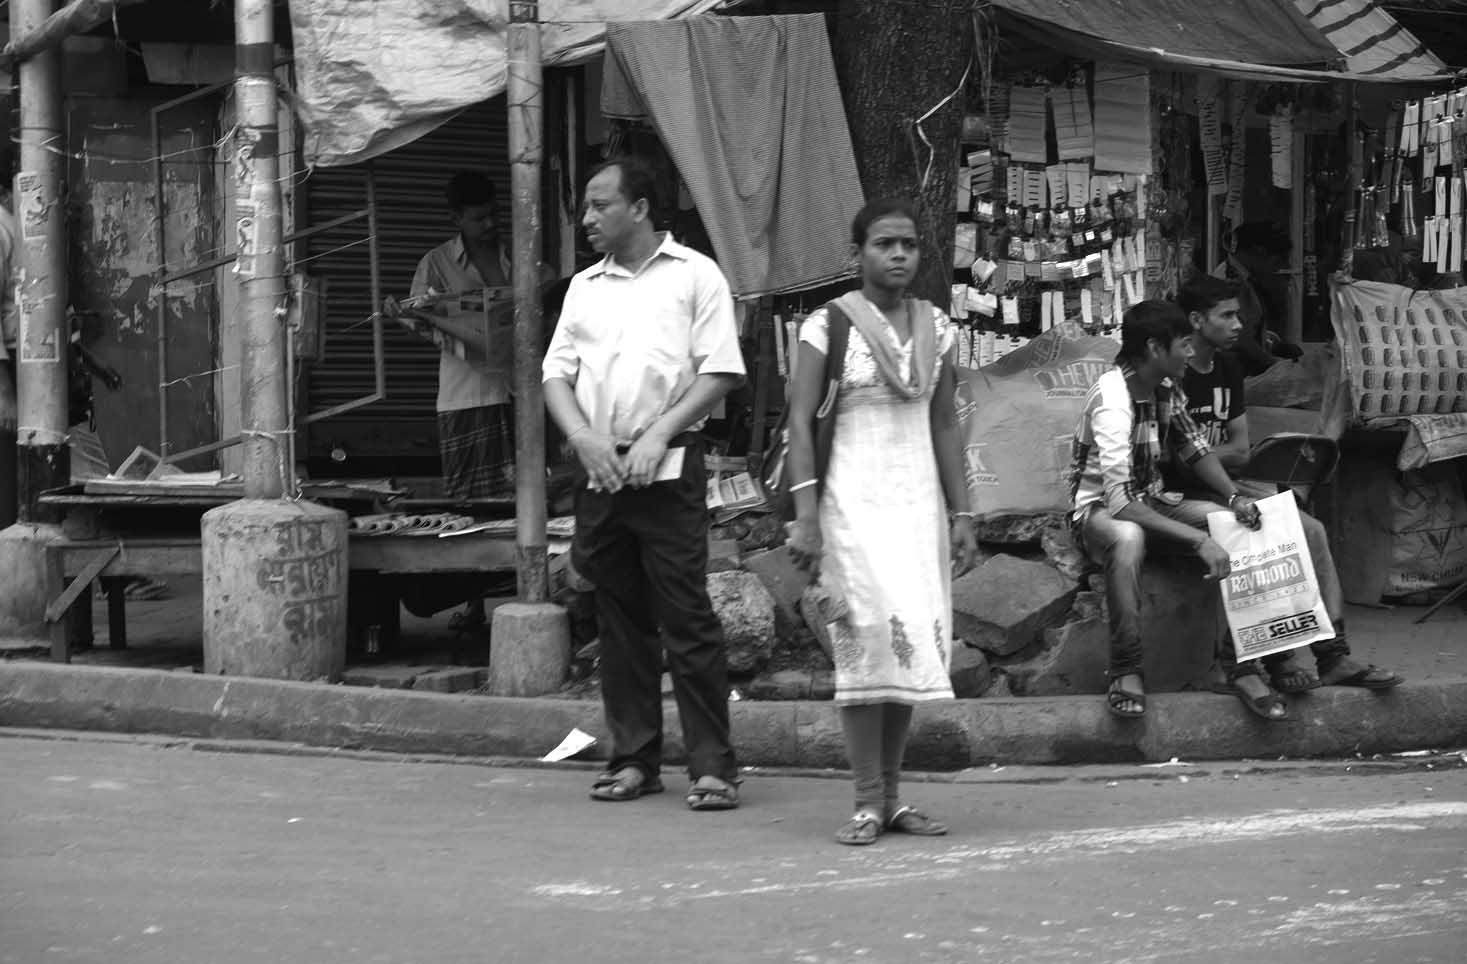 Kolkata5-2014+051.jpg